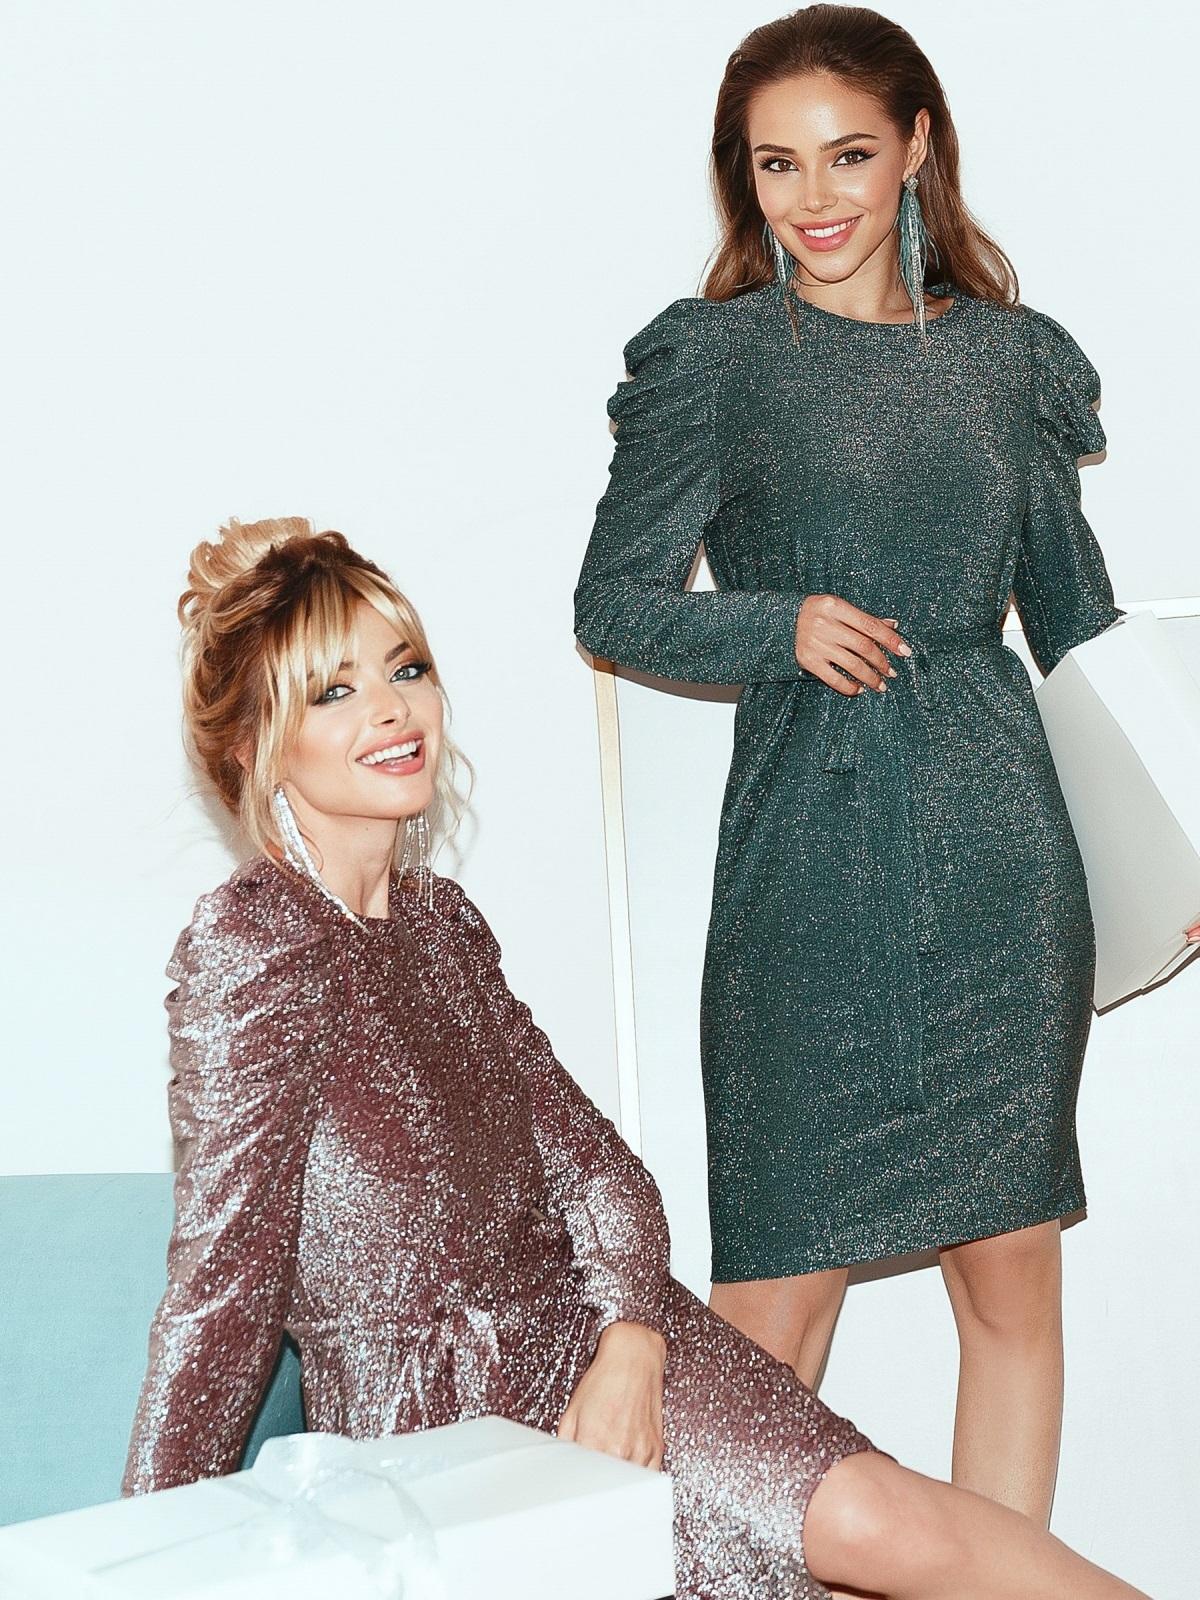 Две девушки в вечерних платьях из люрекса